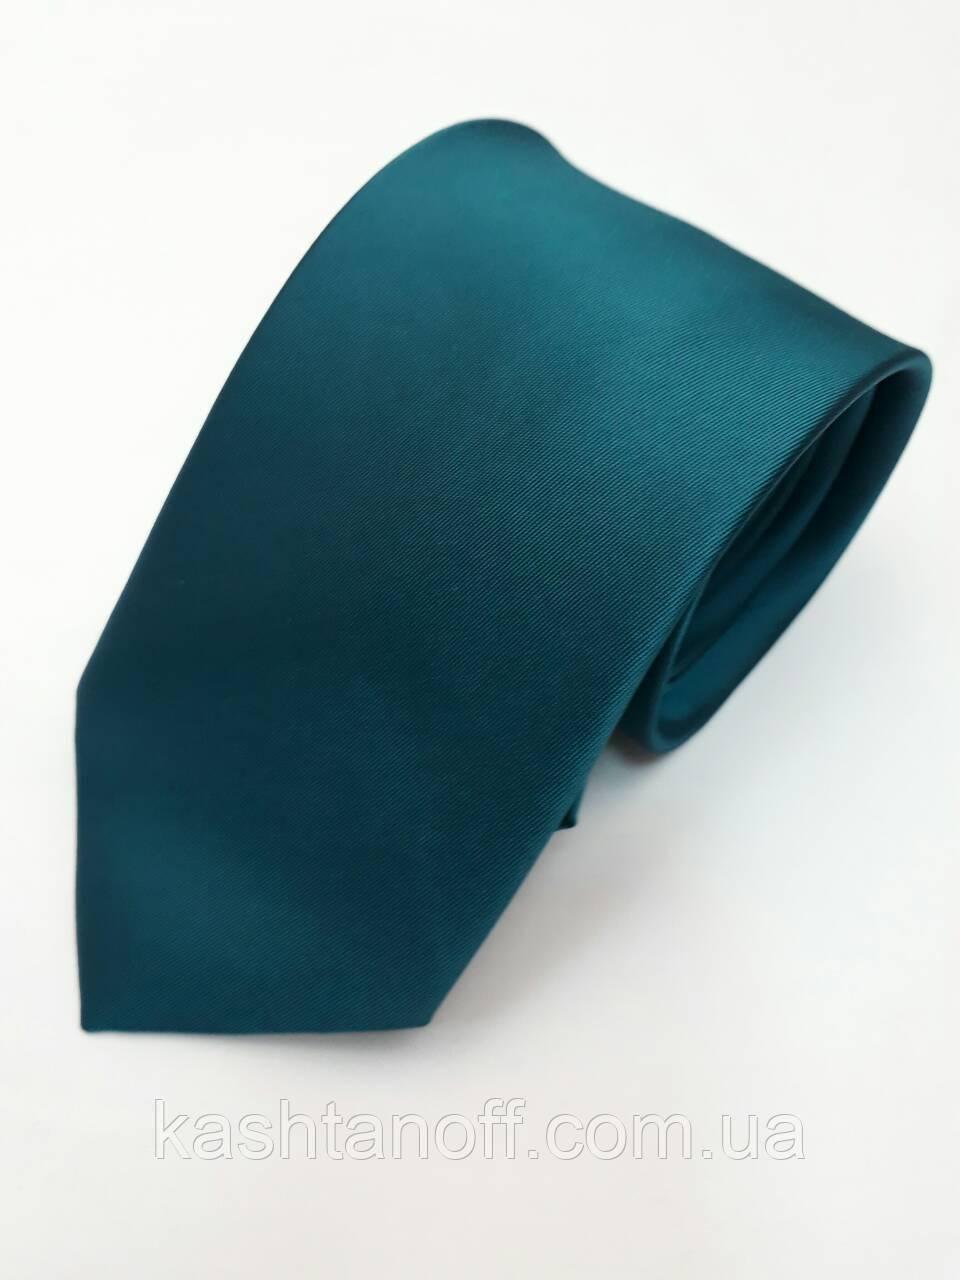 Краватка класичний темна бірюза